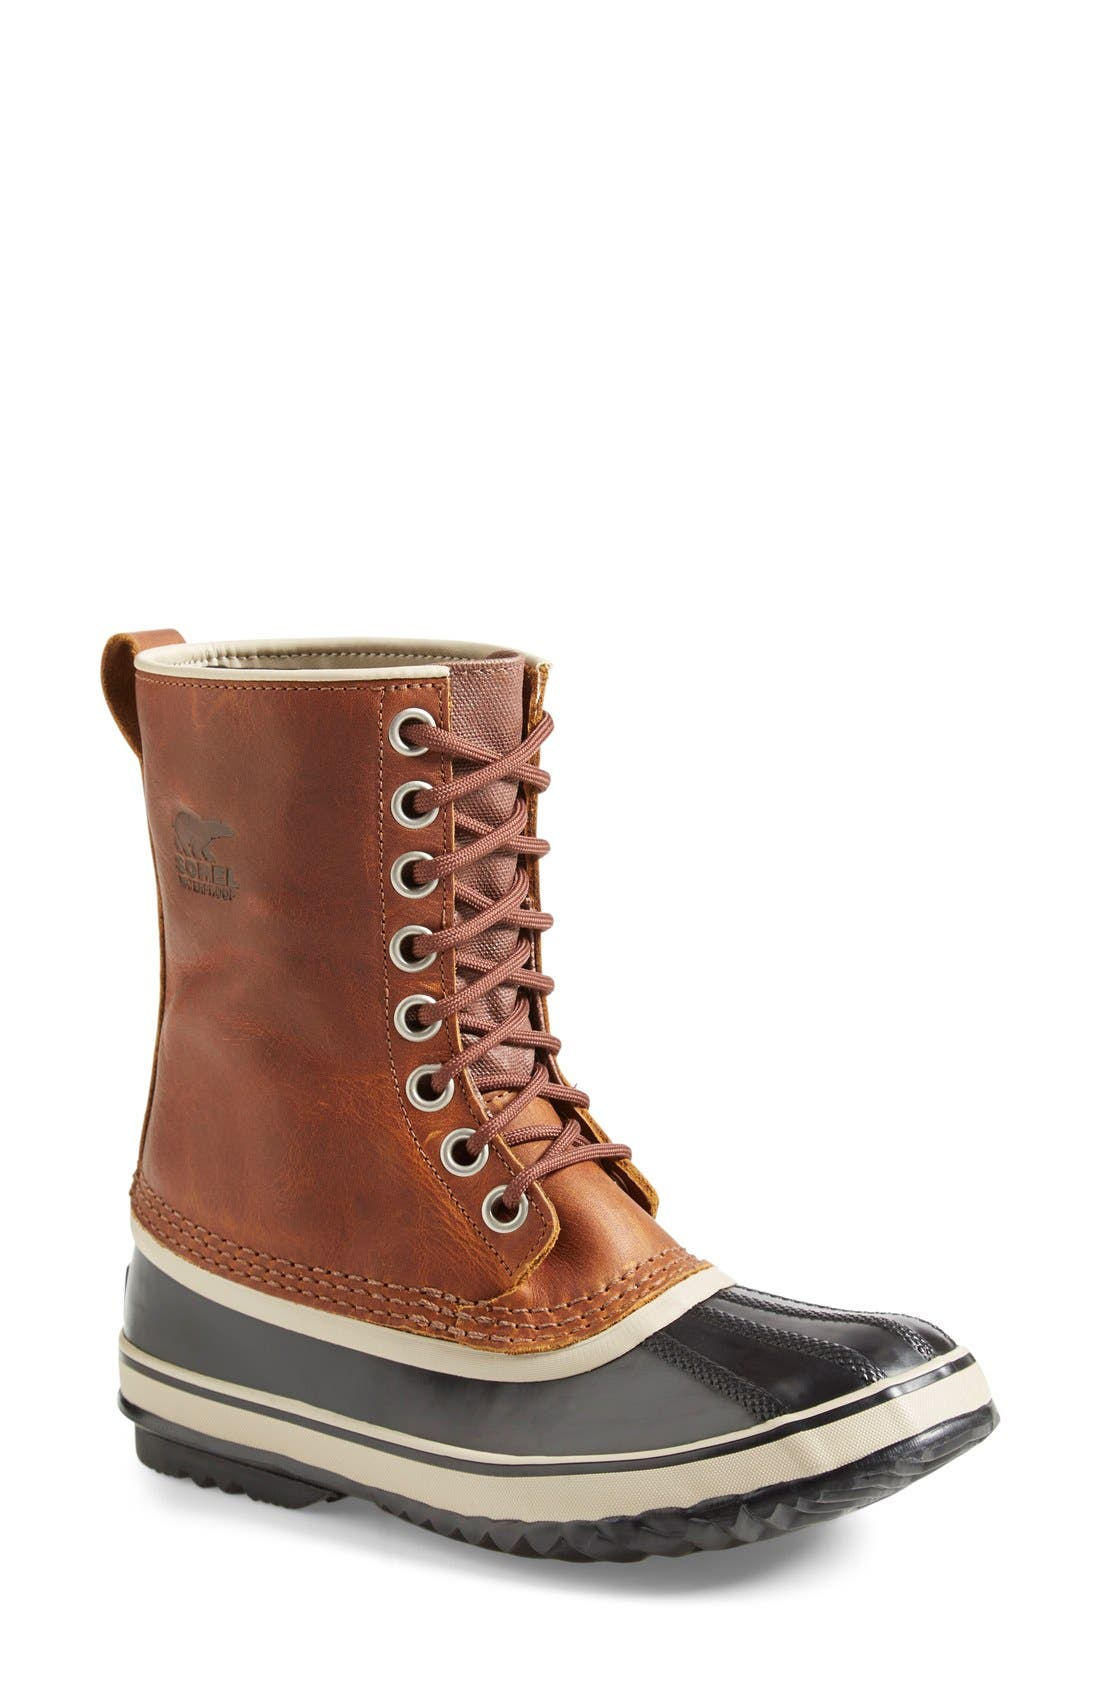 Main Image - SOREL '1964 Premium' Boot (Women)